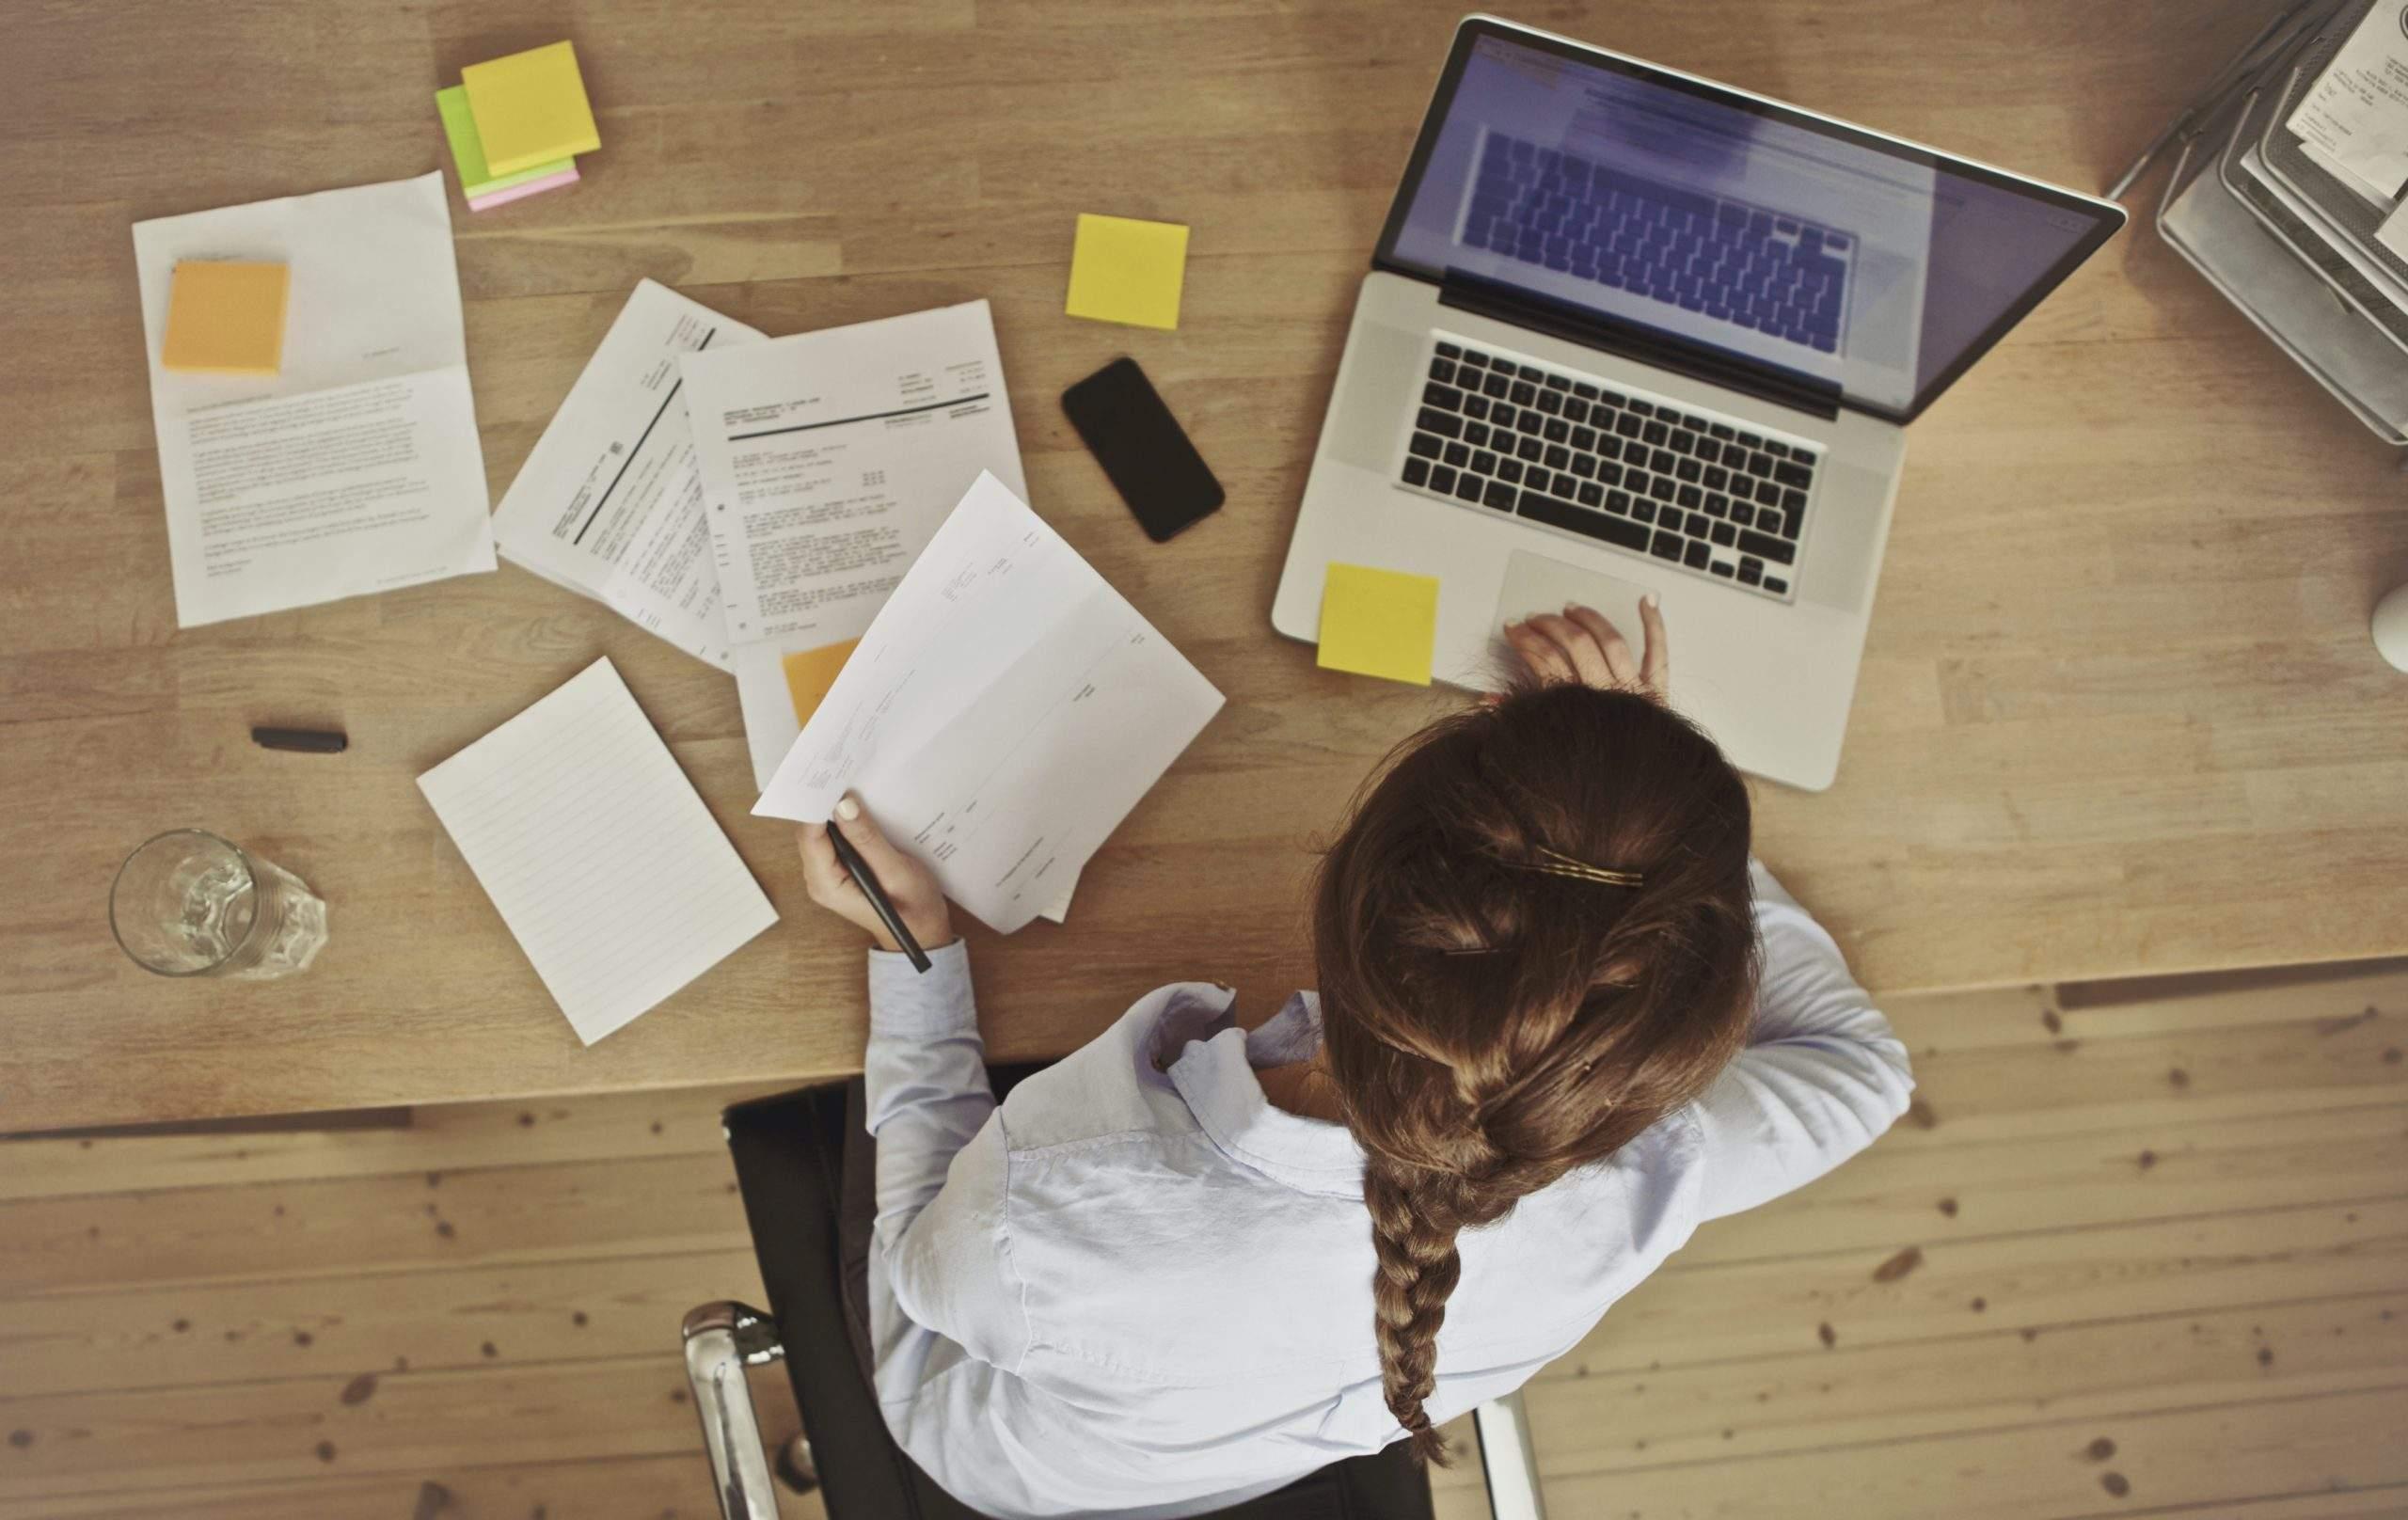 Secretárias Virtuais Compartilhadas: uma ótima opção para crescer e cortar custos de modo eficiente e sustentável.